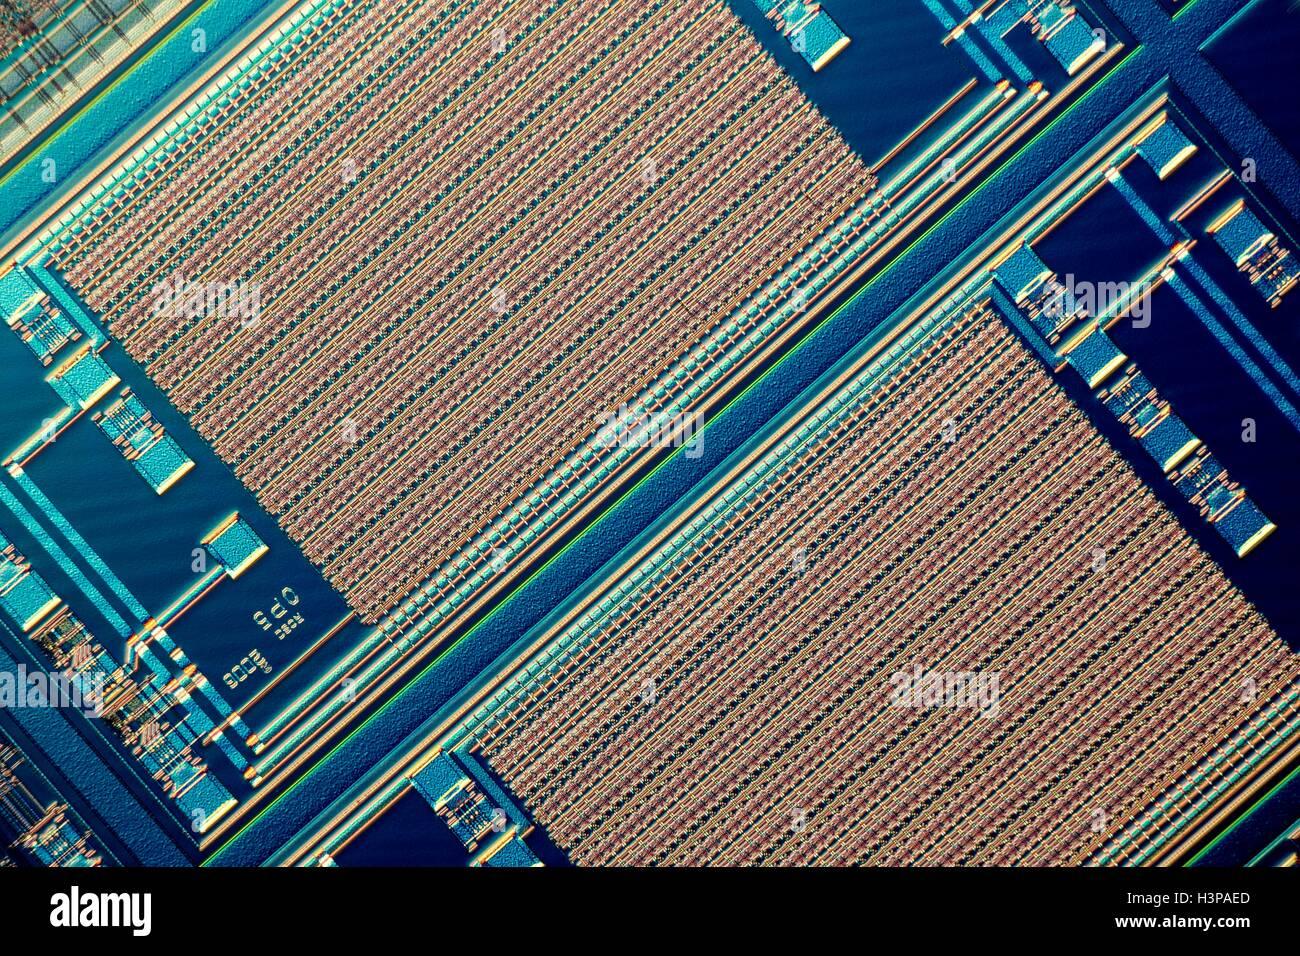 Chip di computer micrografia luce prese con illuminazione